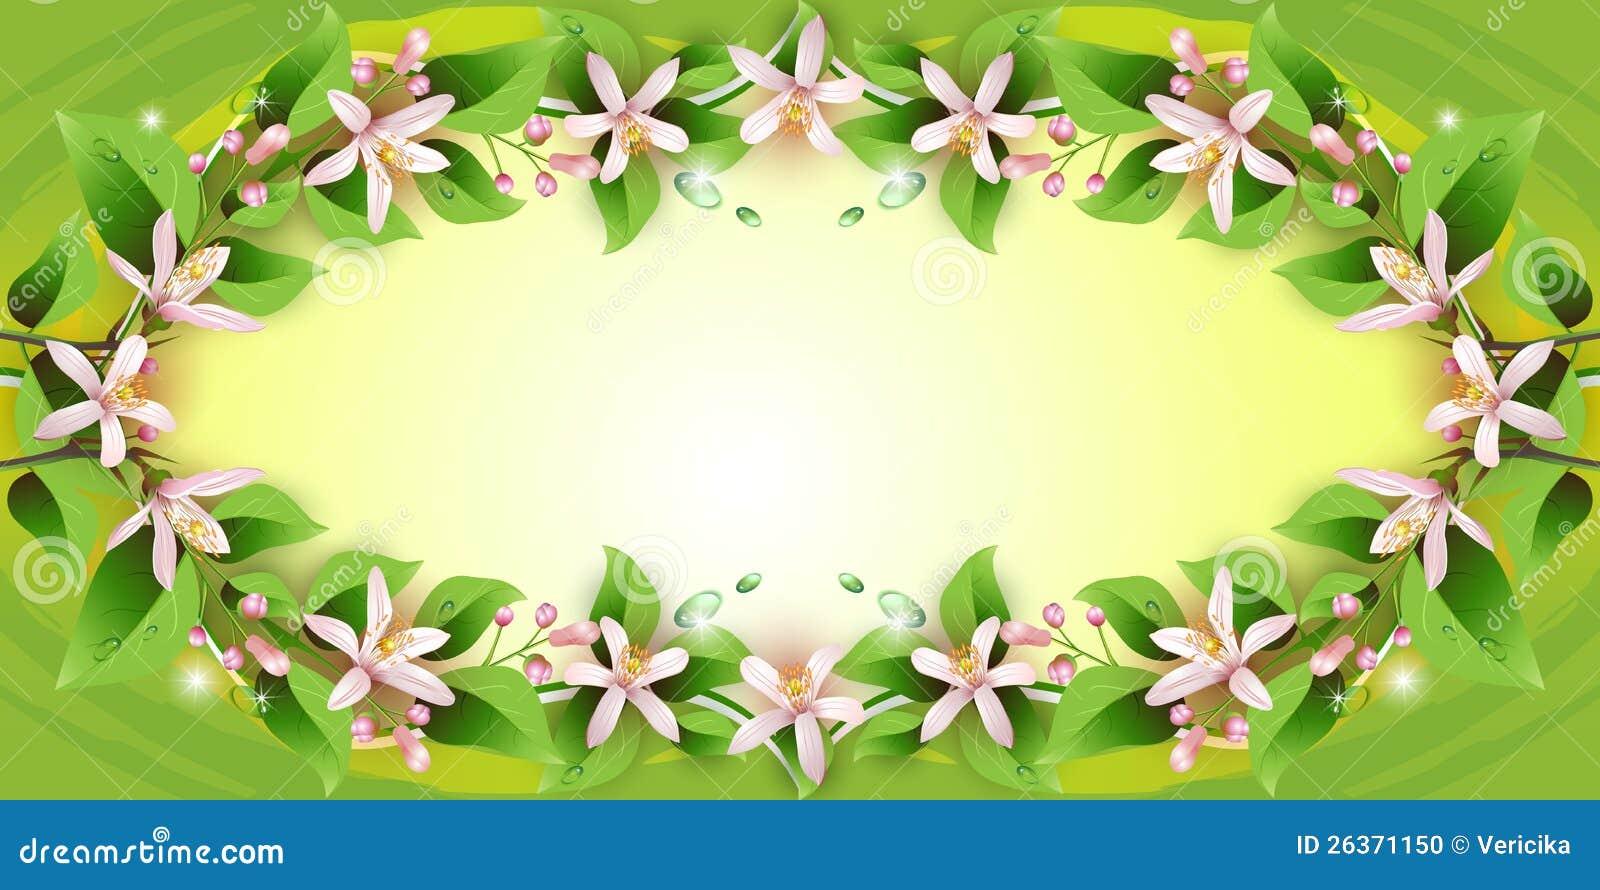 Tło z delikatnymi kwiatami